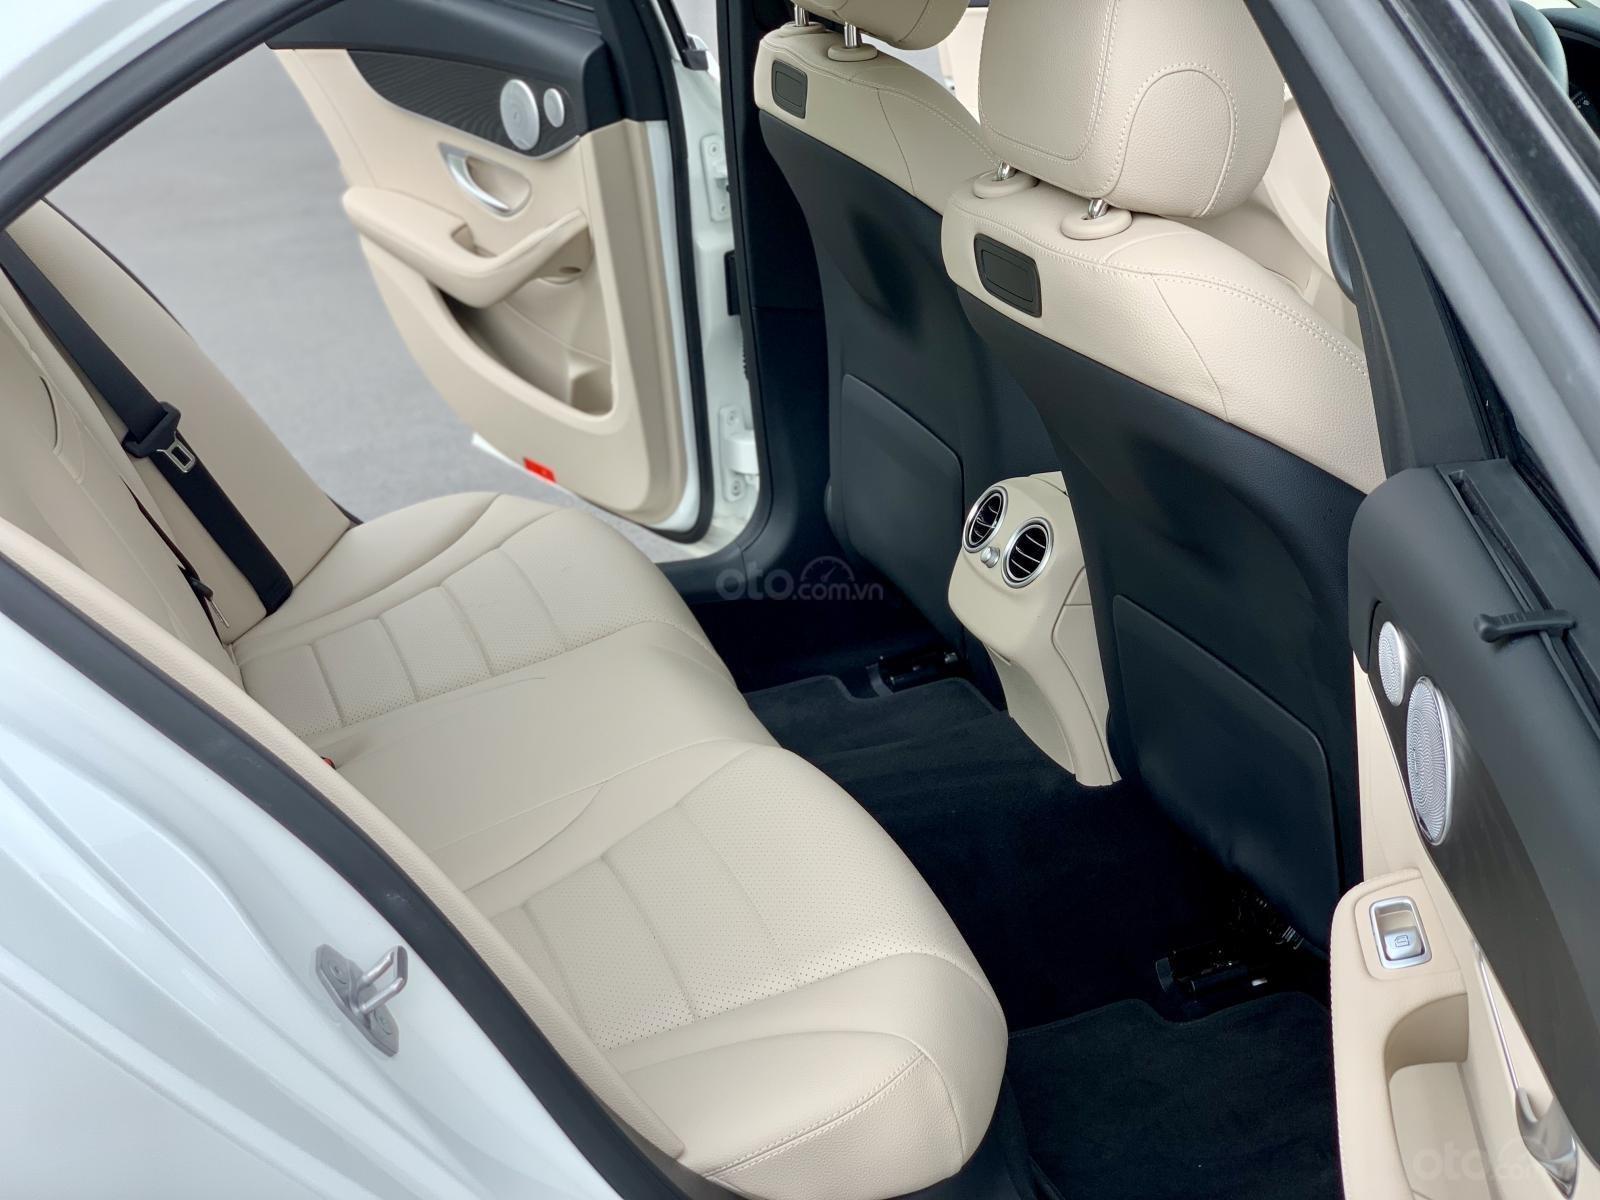 Cần bán Mercedes C200 2018, màu trắng /kem hộp số 9 cấp, loa bumaster-14